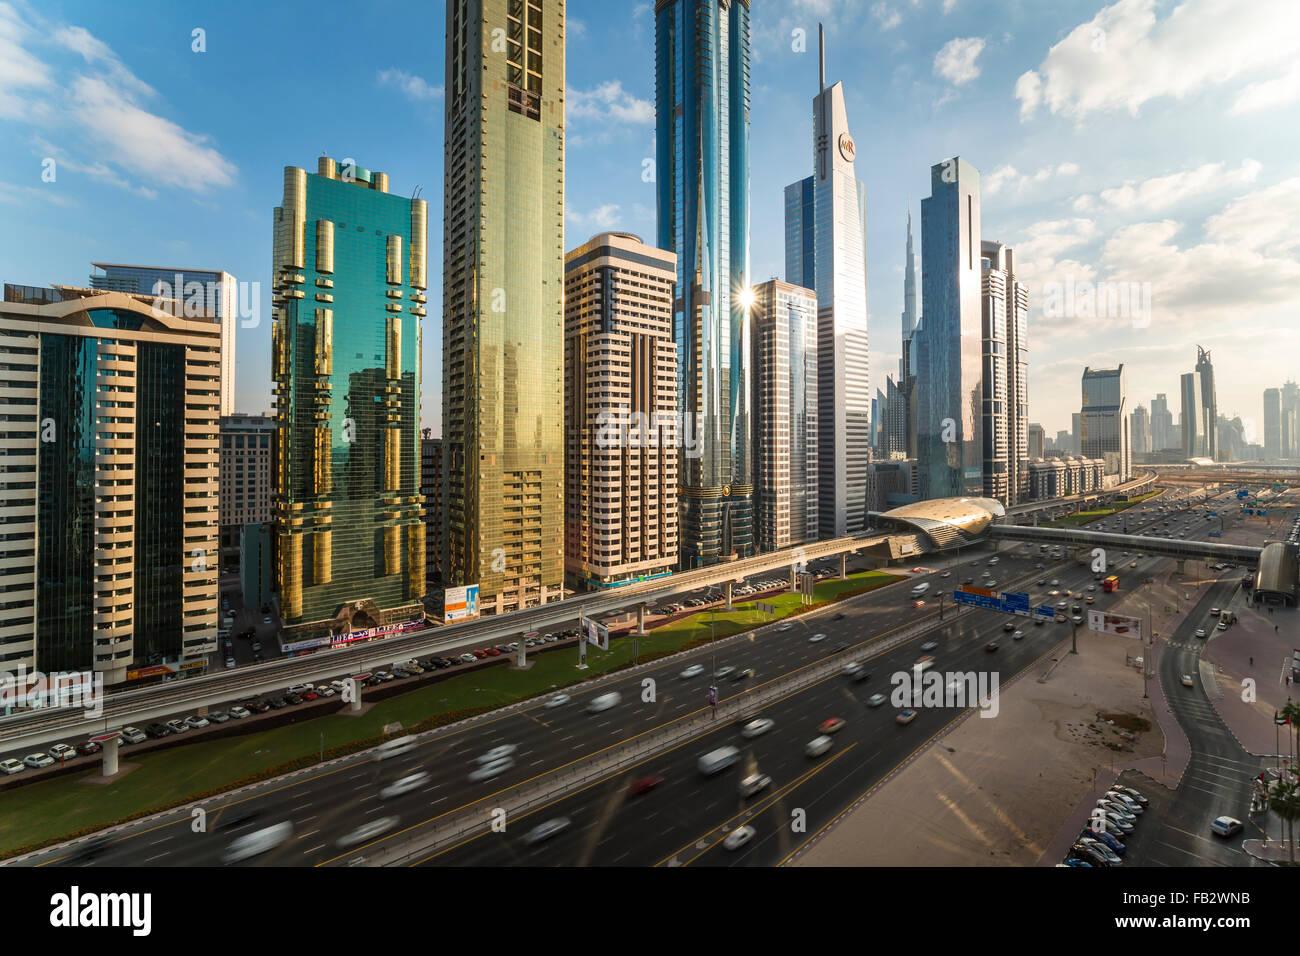 Emirati Arabi Uniti Dubai Sheikh Zayed Rd, traffico e nuovi edifici alti di Dubai lungo la strada principale Immagini Stock